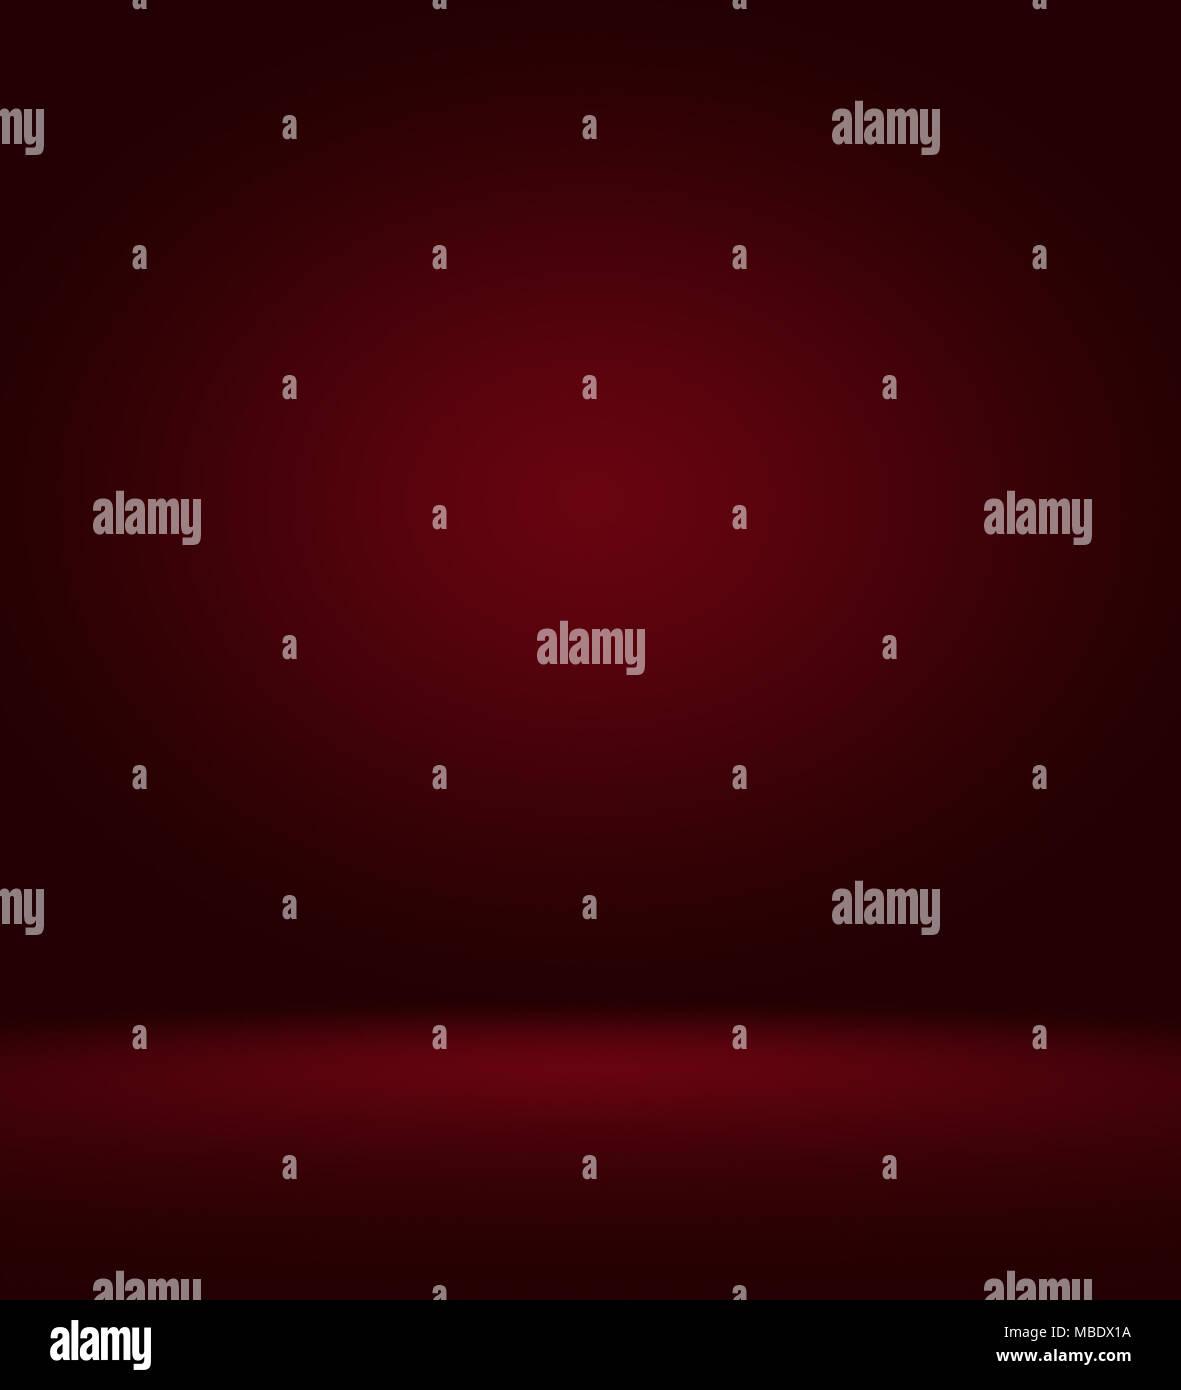 AuBergewohnlich Abstrakt Rot Hintergrund Weihnachten Valentinstag Layout Design, Studio,  Zimmer, Web Template, Business Report Mit Glatten Kreis Gradient Farbe